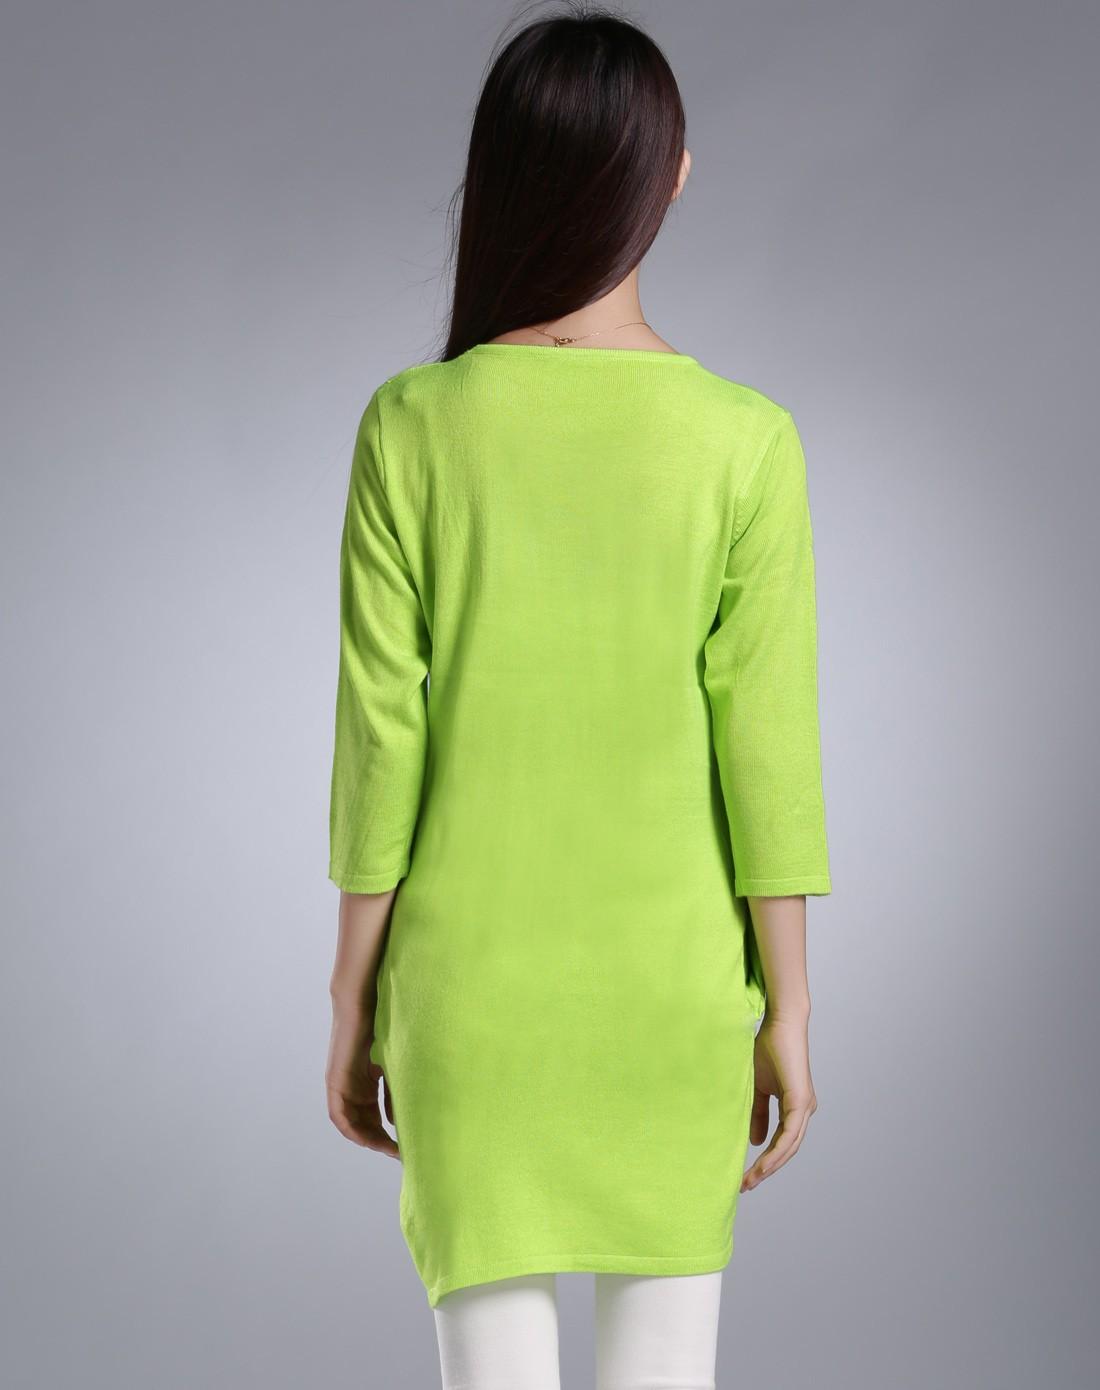 柠檬绿色气质优雅可爱图案针织毛衣